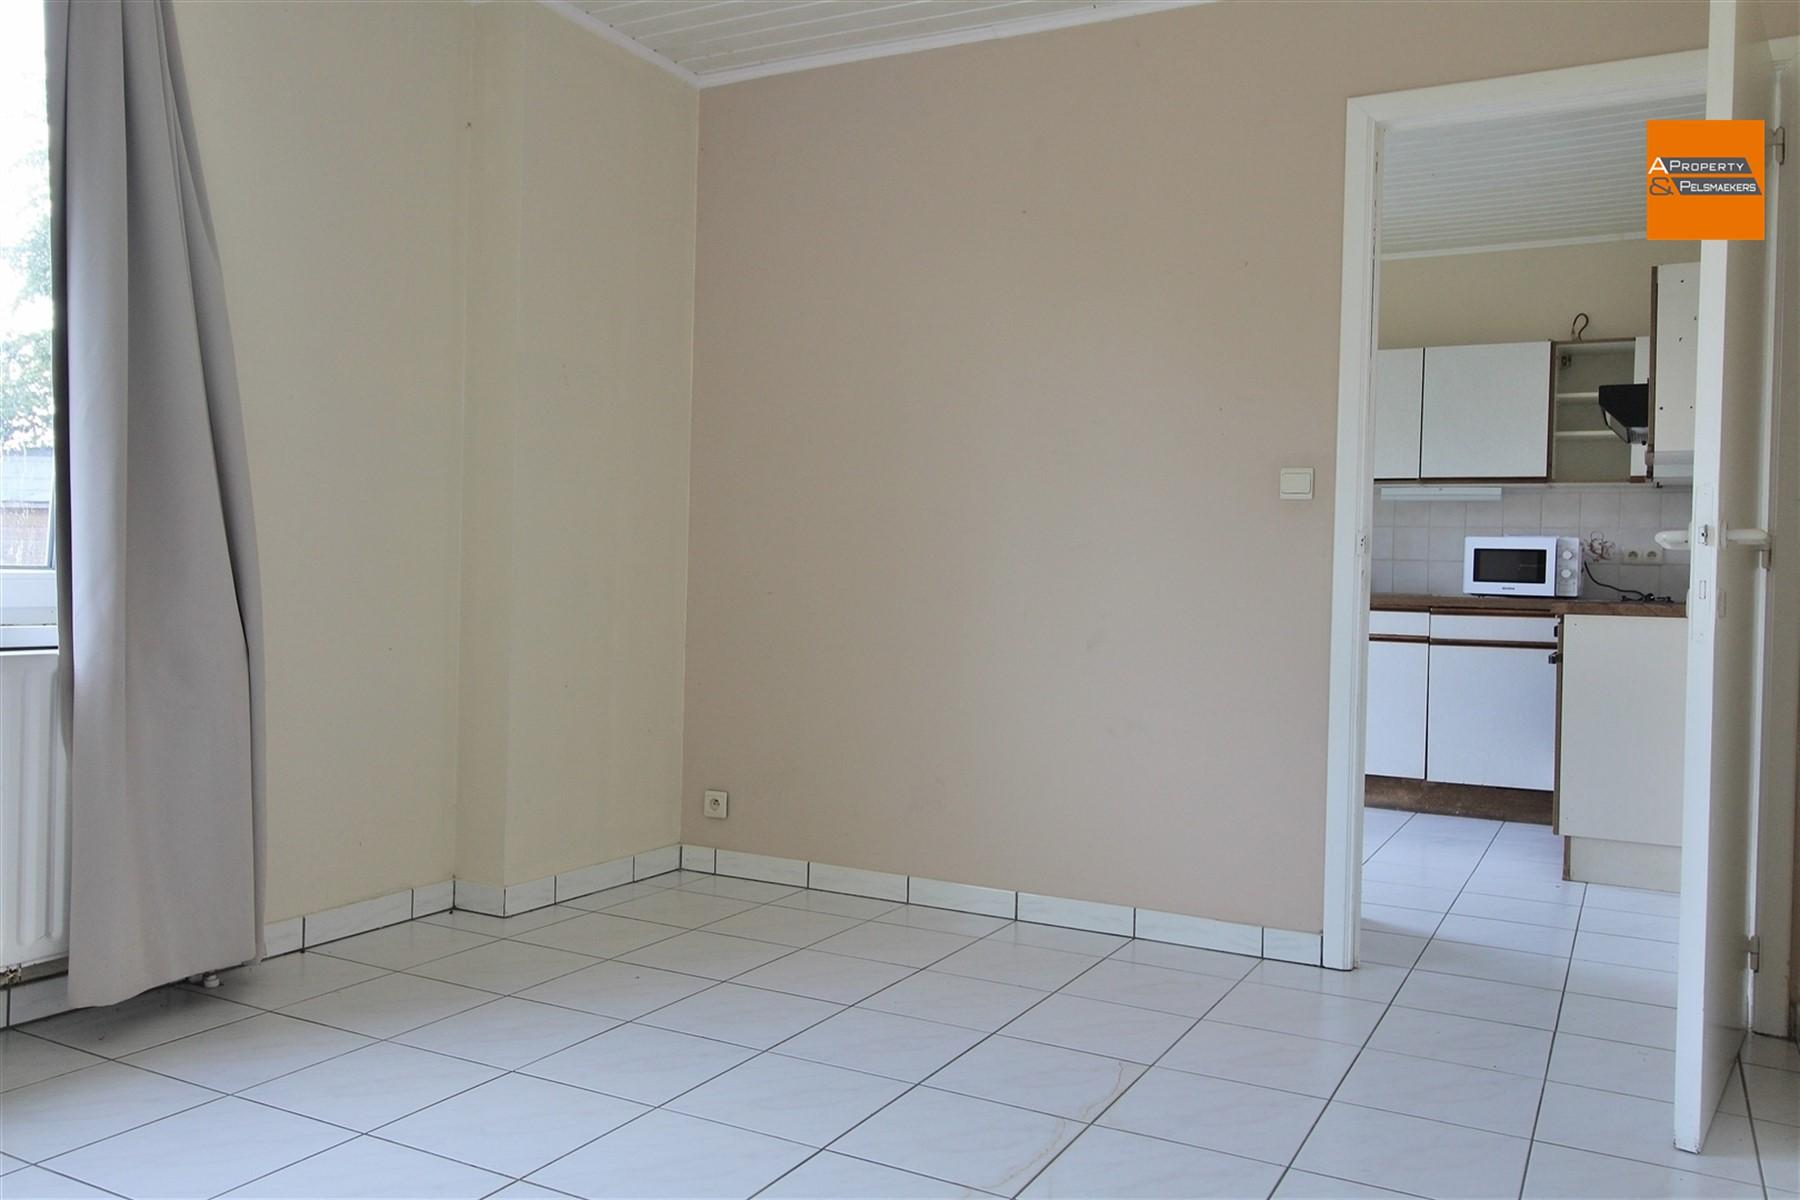 Foto 10 : Appartement in 3071 ERPS-KWERPS (België) - Prijs € 750